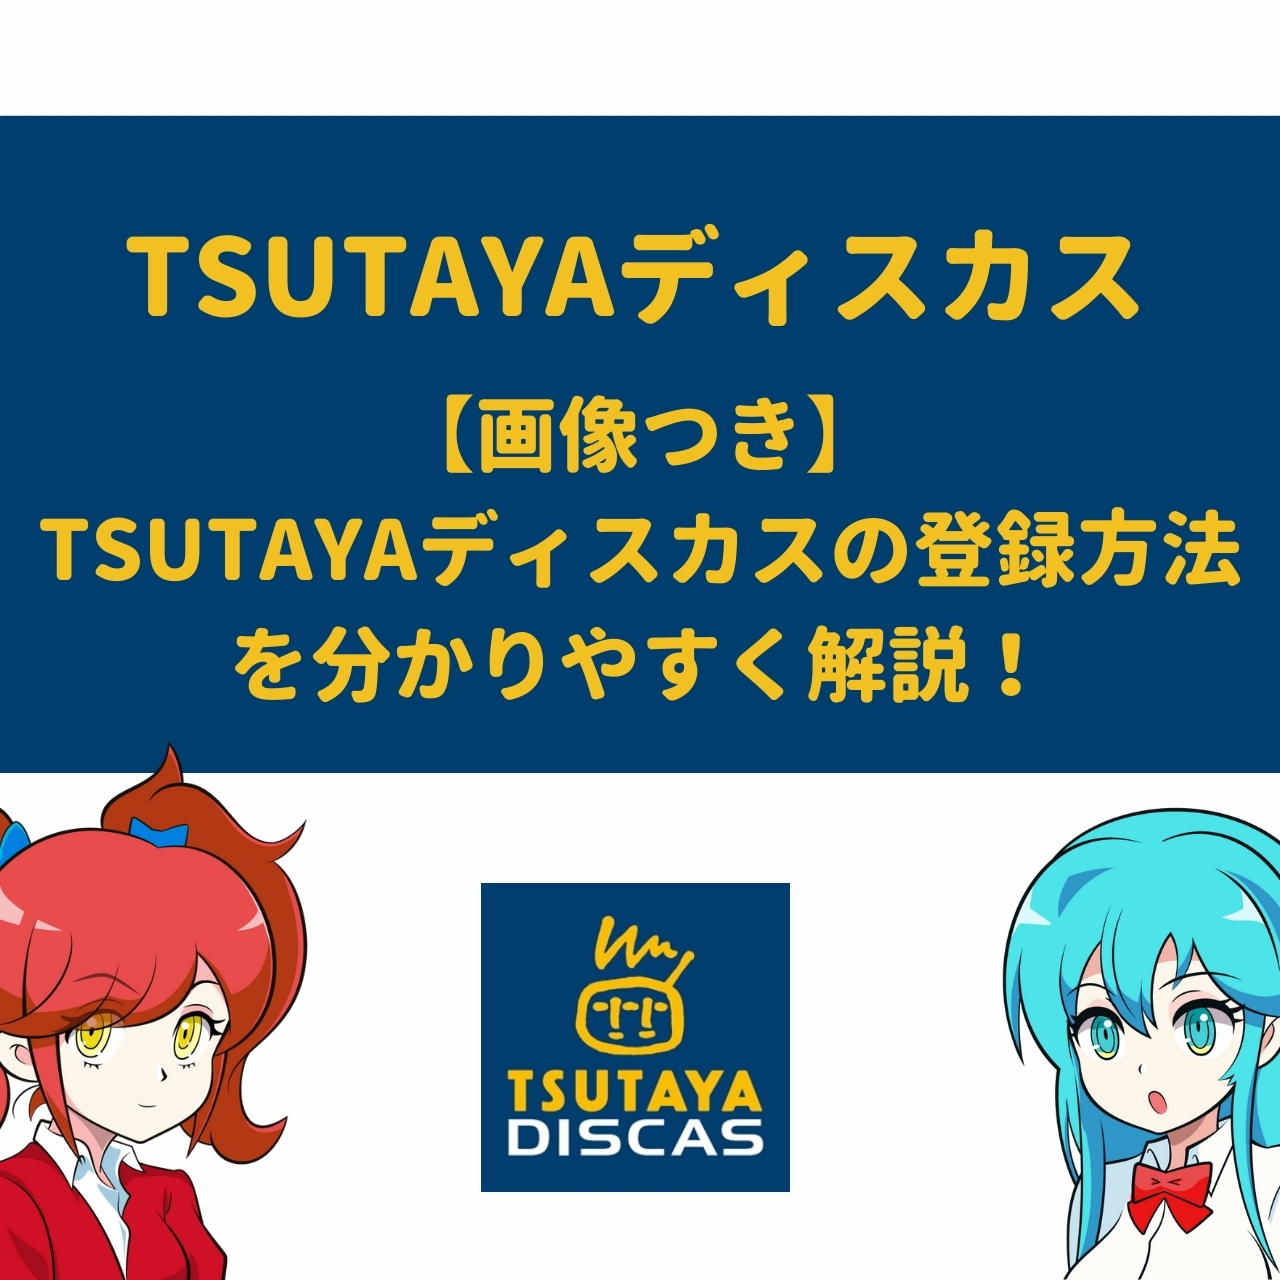 【画像つき】TSUTAYAディスカスの登録方法を分かりやすく解説!